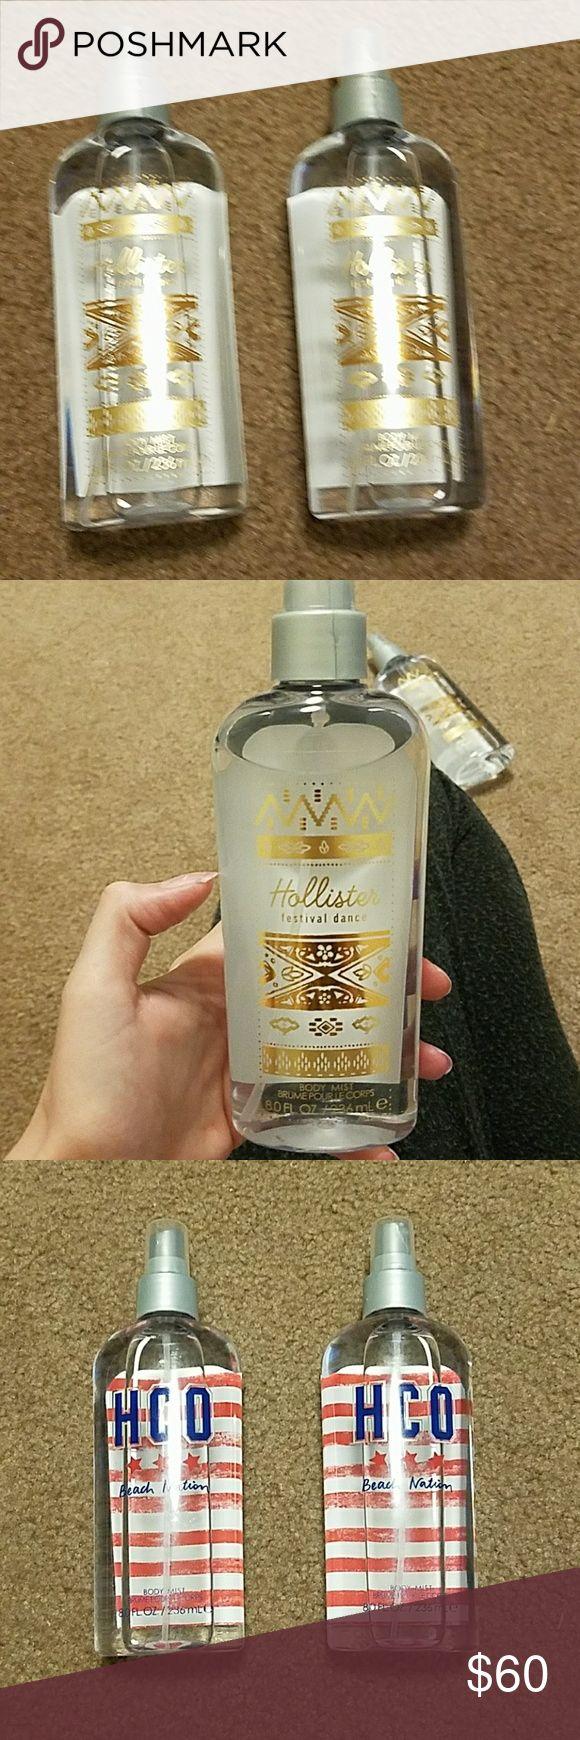 I just added this listing on Poshmark: Hollister Perfume. #shopmycloset #poshmark #fashion #shopping #style #forsale #holister #Other